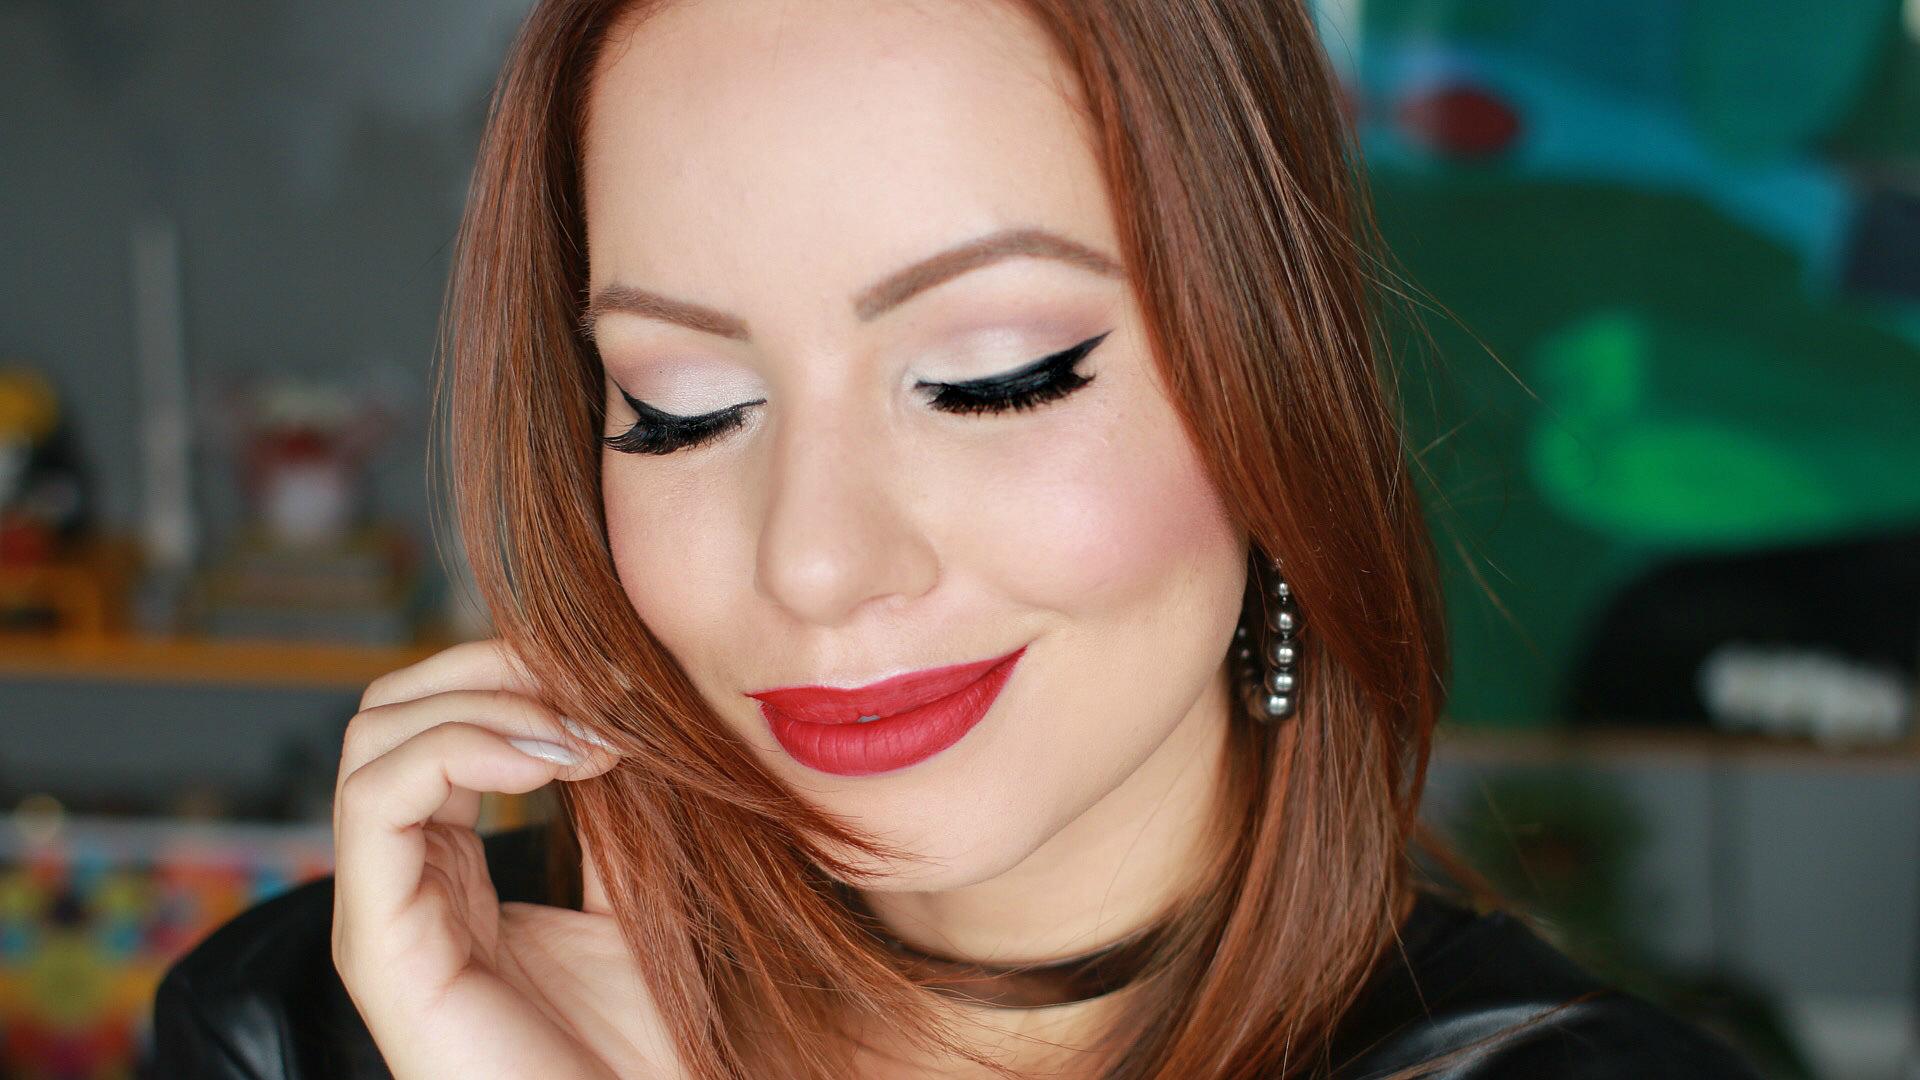 ... tutorial de maquiagem | blog de maquiagem | delineador | batom